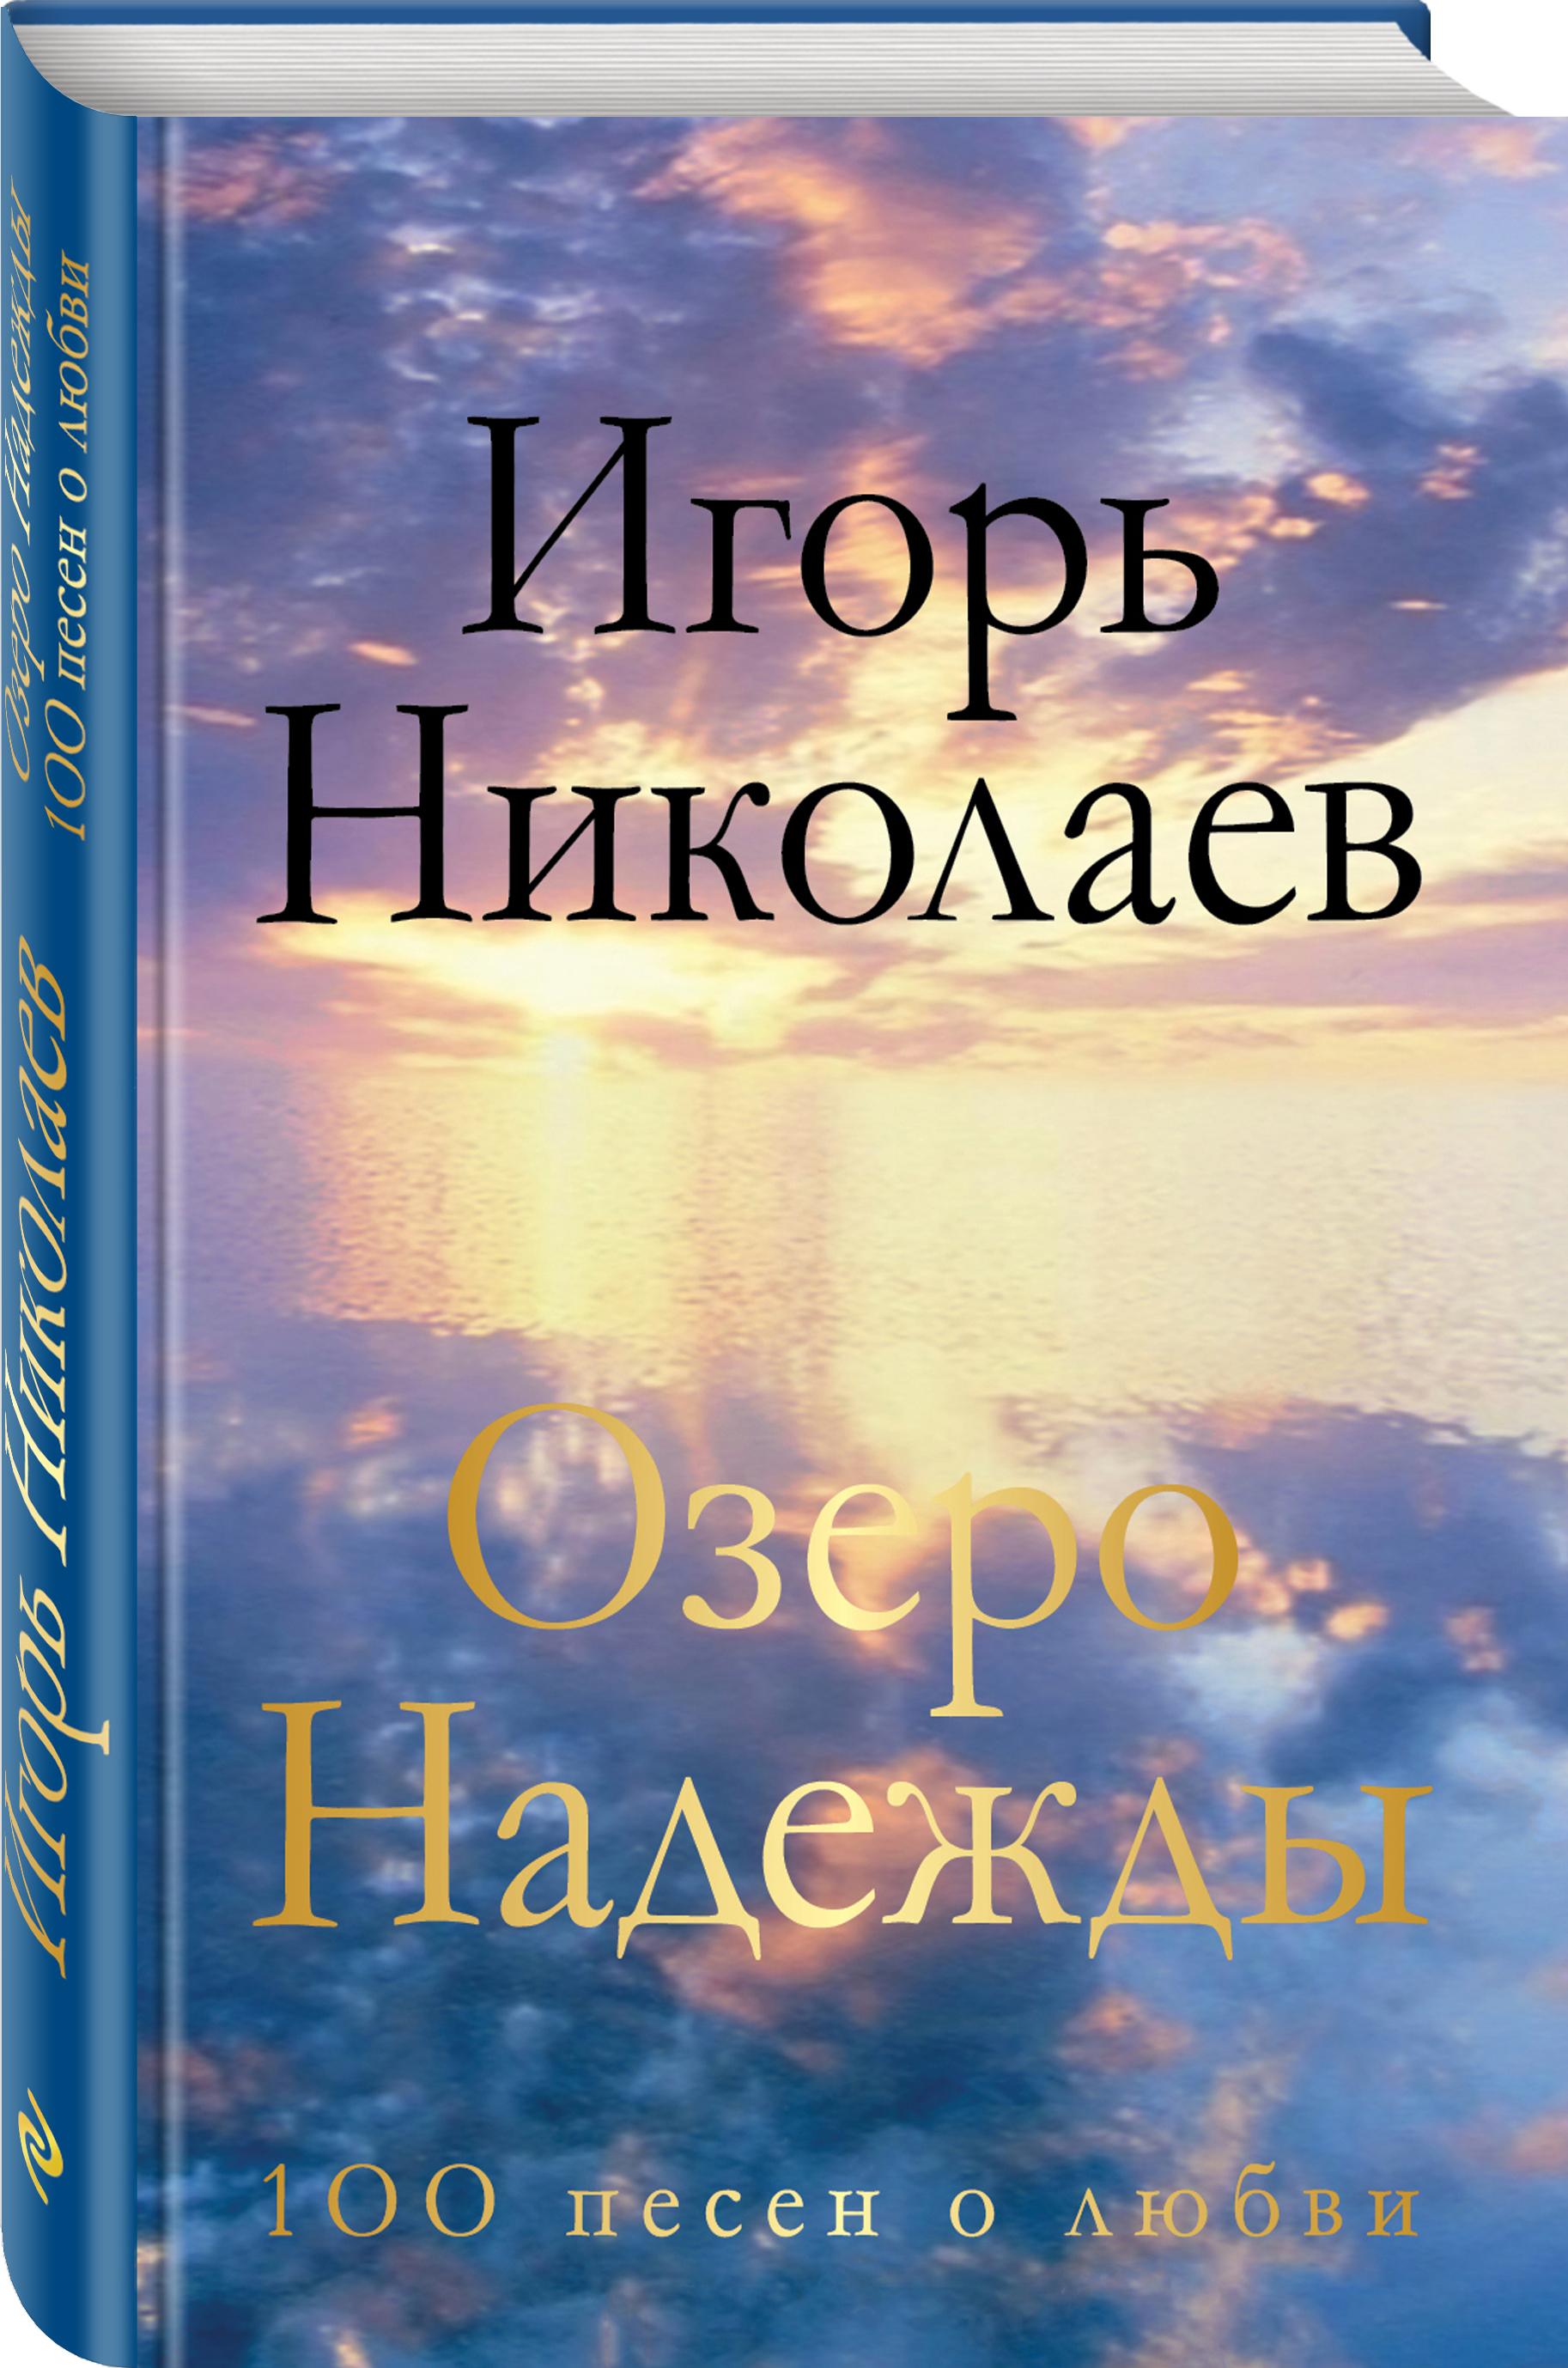 Фото - Игорь Николаев Озеро Надежды. 100 песен о любви игорь николаев озеро надежды 100 песен о любви